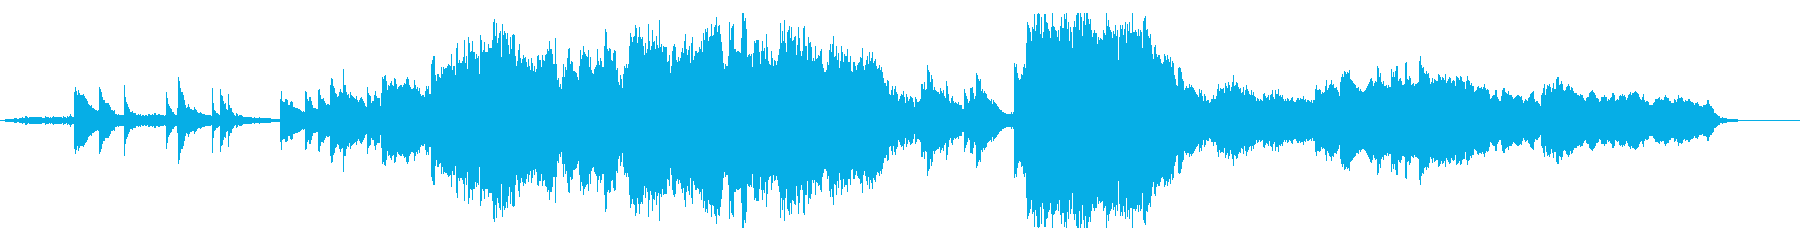 アニメ作品に流れるような感動的なBGMの再生済みの波形